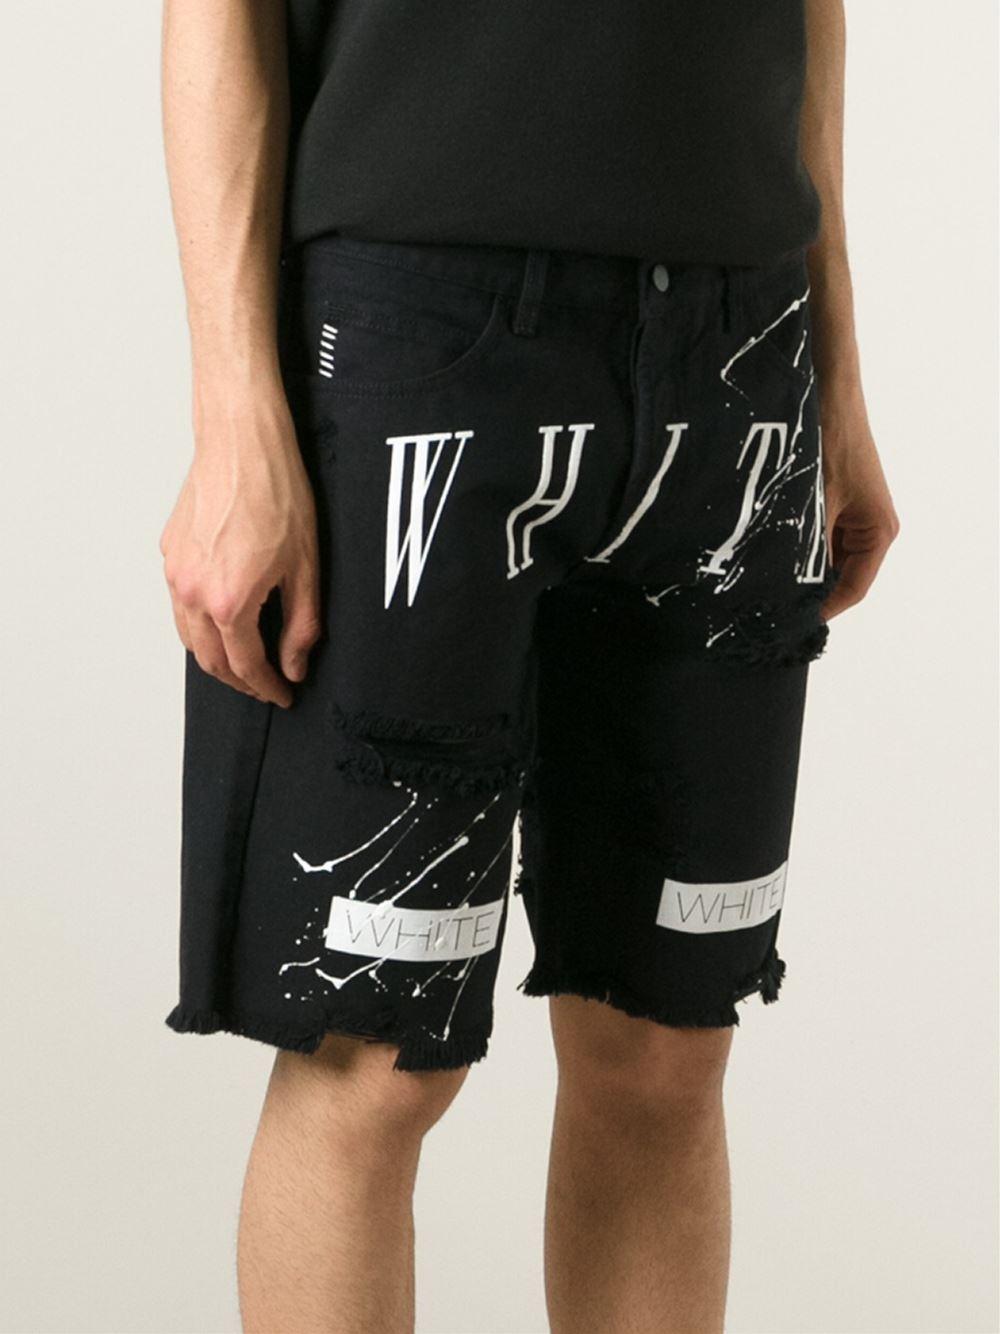 Off-white c/o virgil abloh Printed Denim Boardshorts in Black for ...